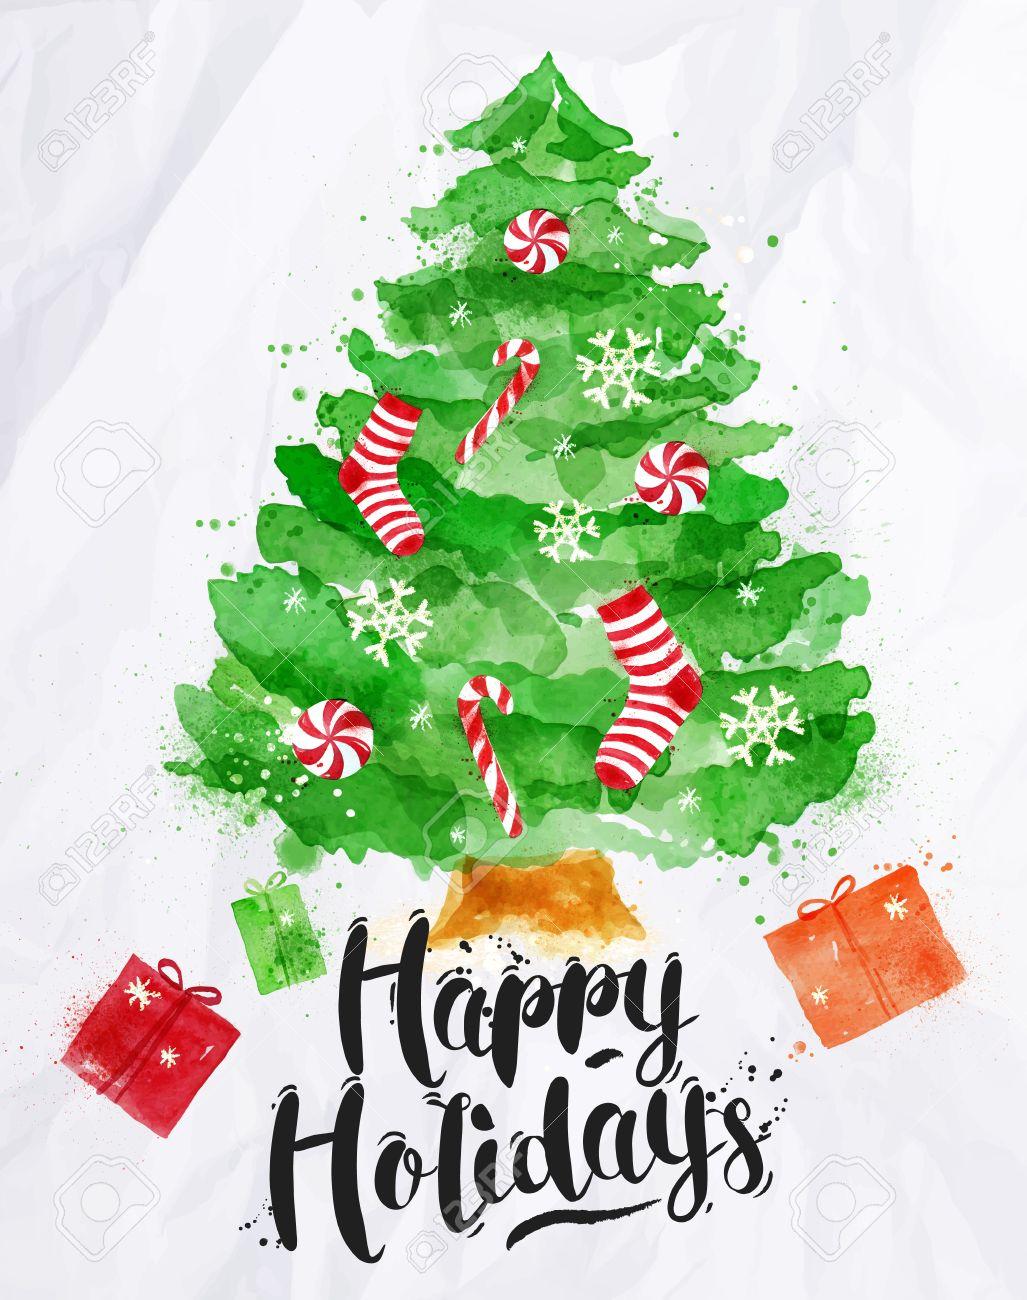 Cartel De La Acuarela Del árbol De Navidad Decorado Letras Felices Fiestas De Dibujo En El Estilo Vintage En El Papel Arrugado